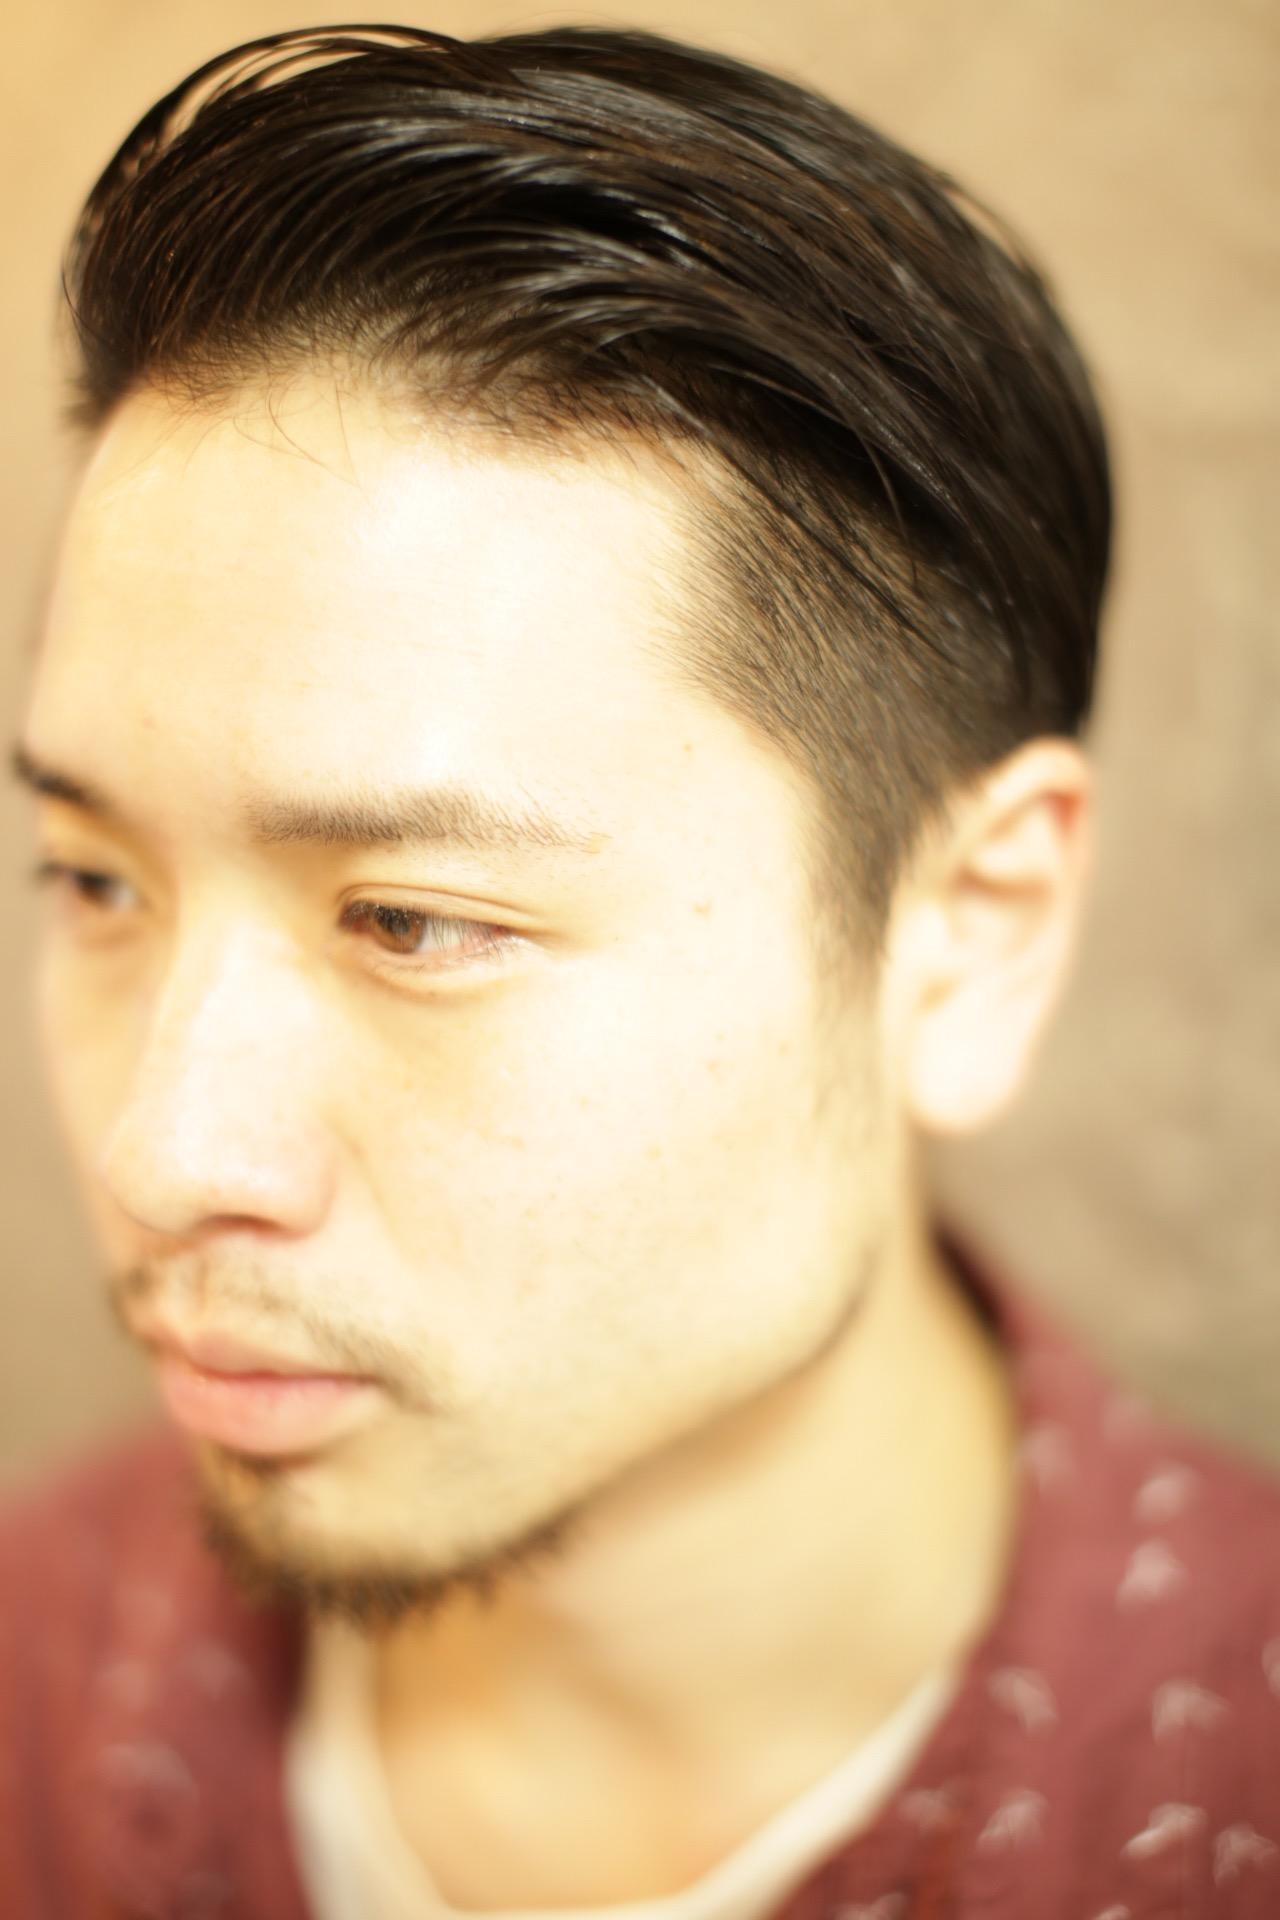 メンズカットがうまい新宿東口の美容室savianのモヒカン イケメン美容師